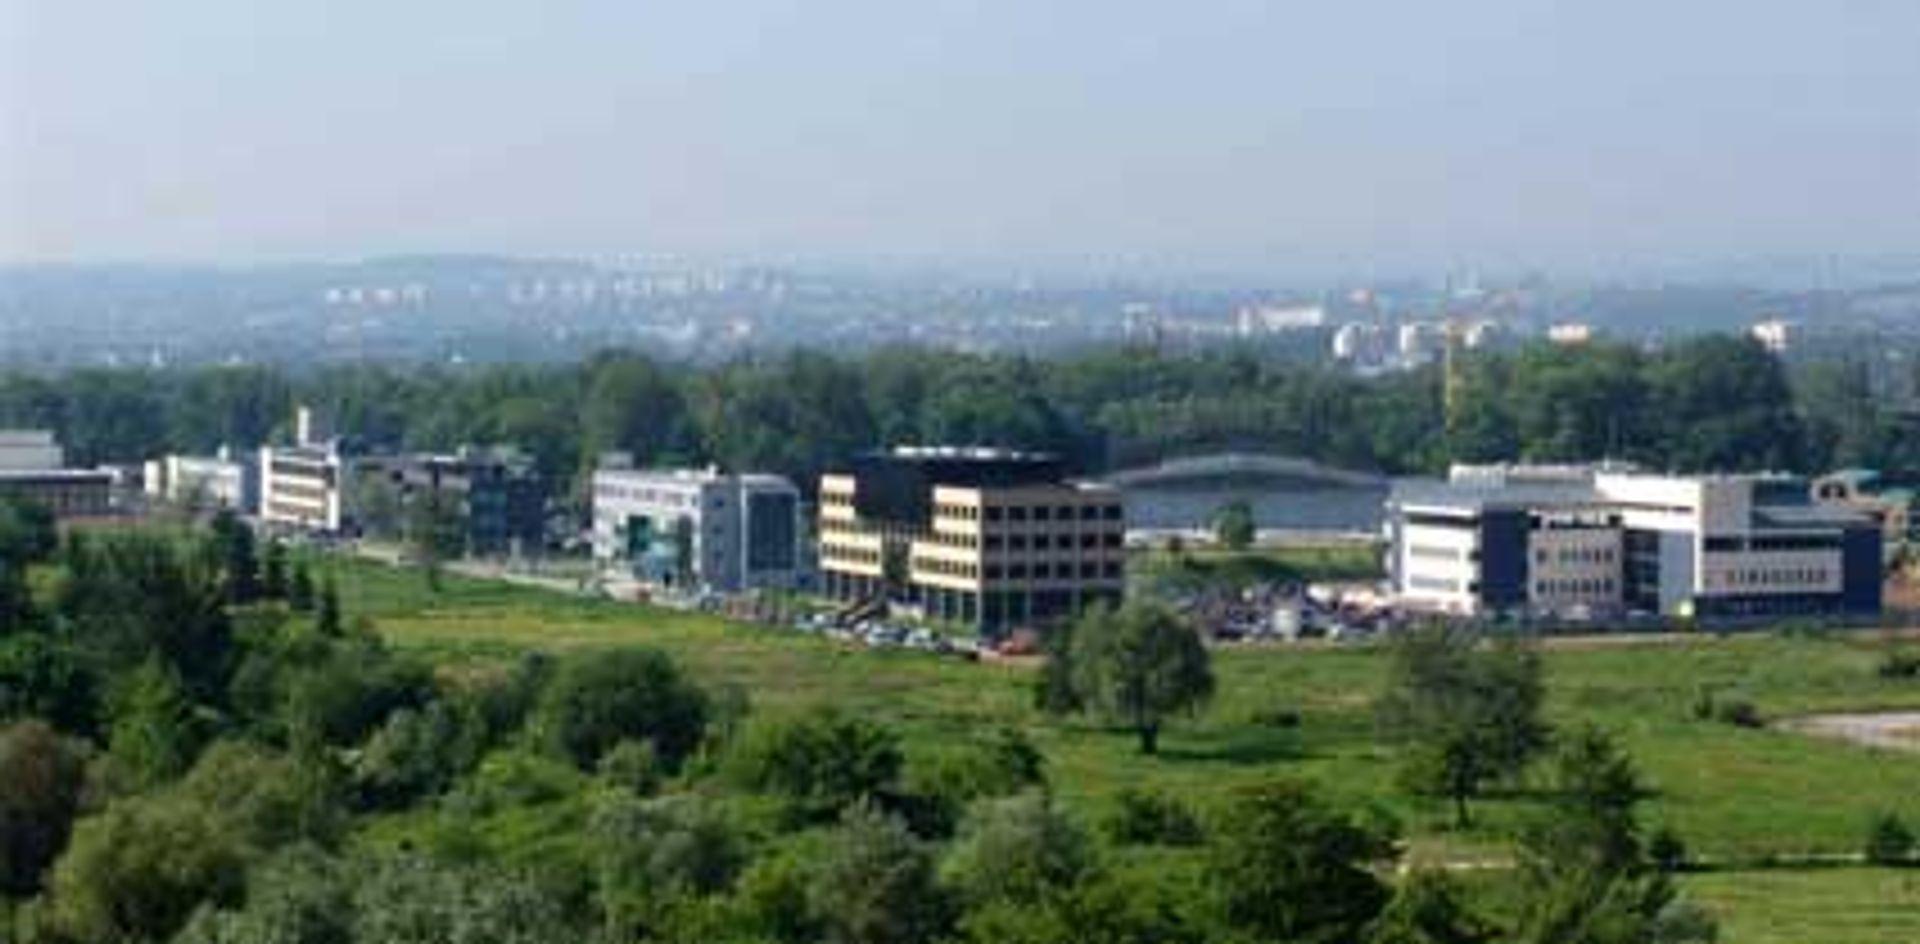 [małopolskie] 2500 – Tylu pracowników zatrudnią inwestorzy w Małopolsce